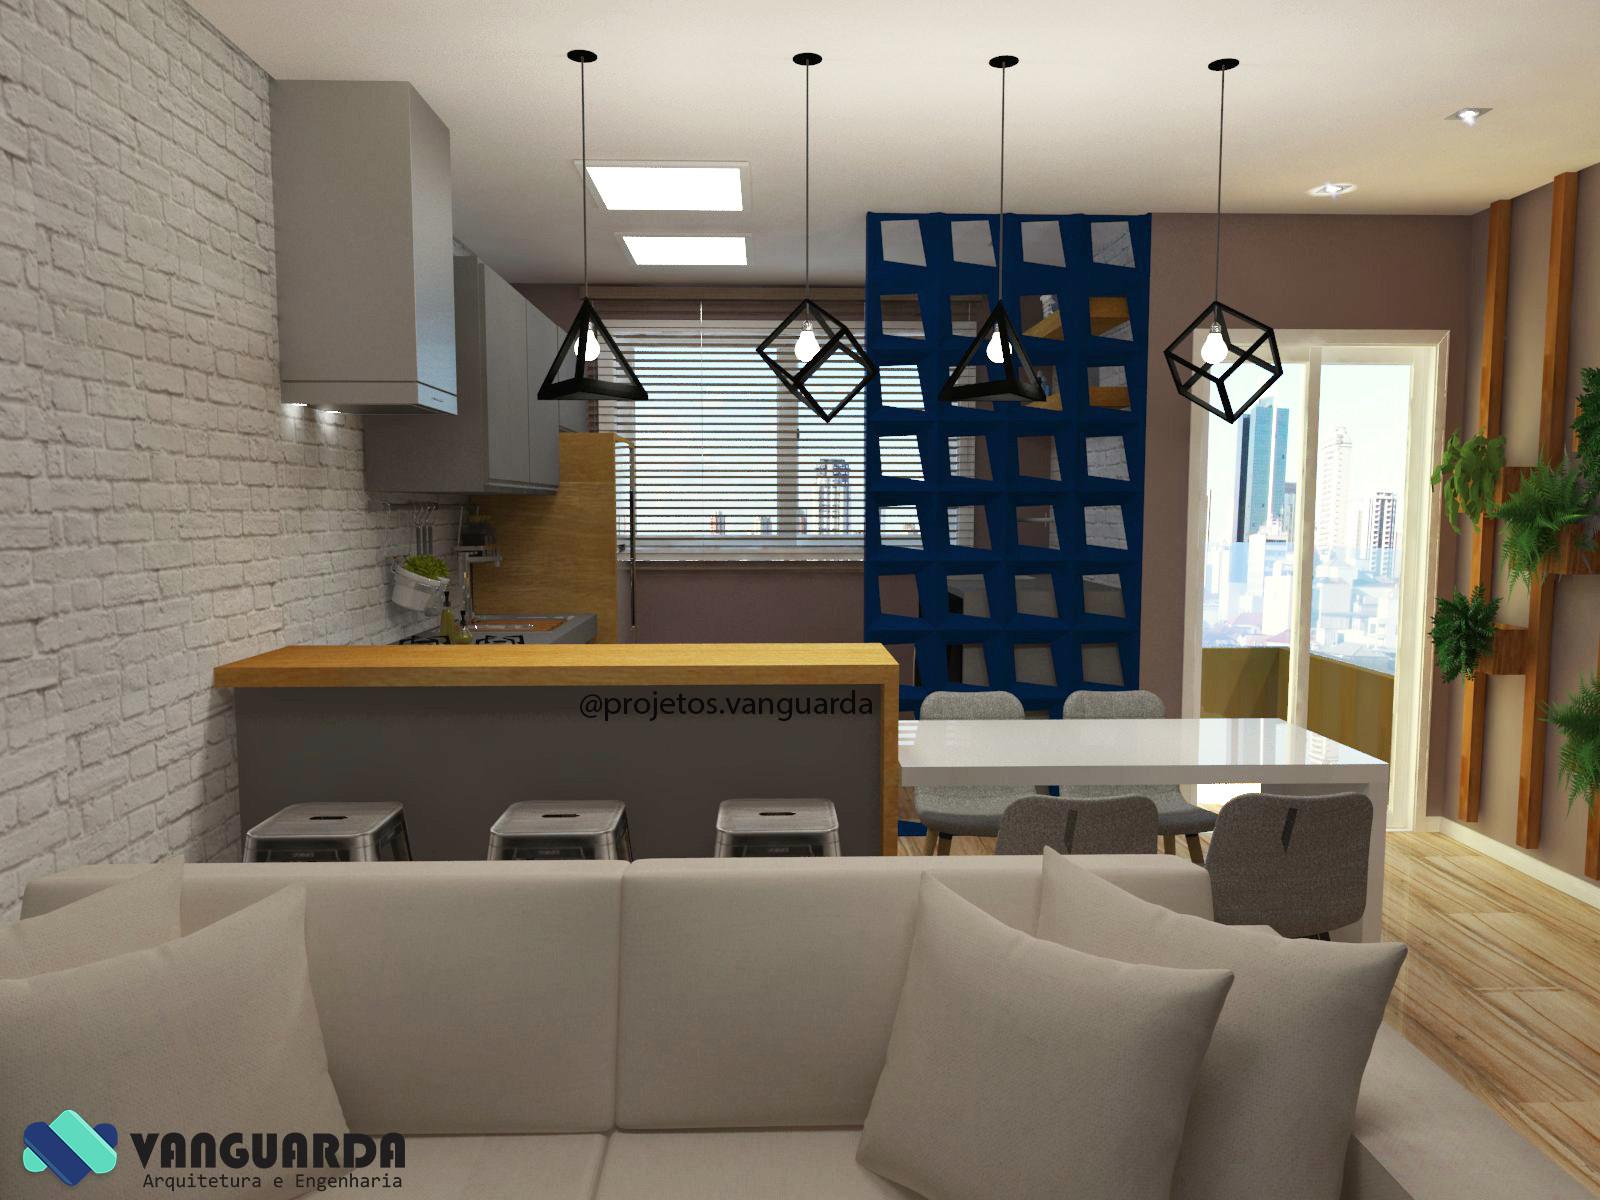 Cozinha Com Sala Conjugada Resimden Com -> Cozinha Com Sala Conjugada